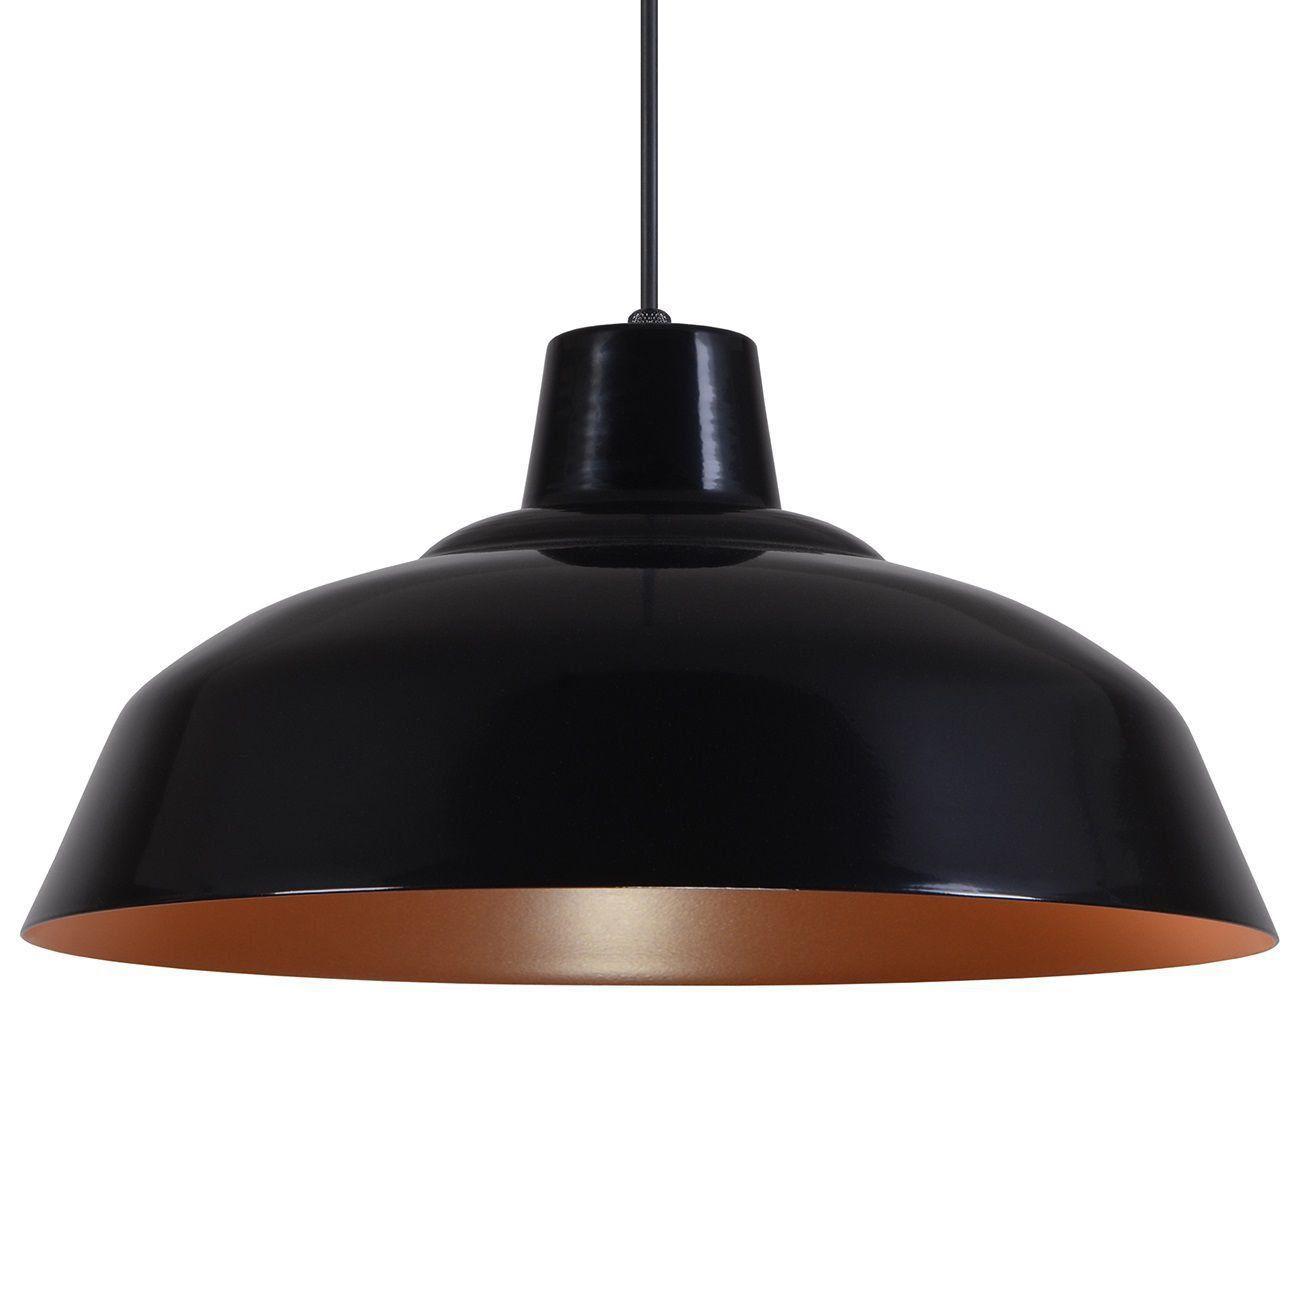 Pendente Retrô 34cm Luminária Lustre Alumínio Preto Fosco C/ Cobre - Rei Da Iluminação